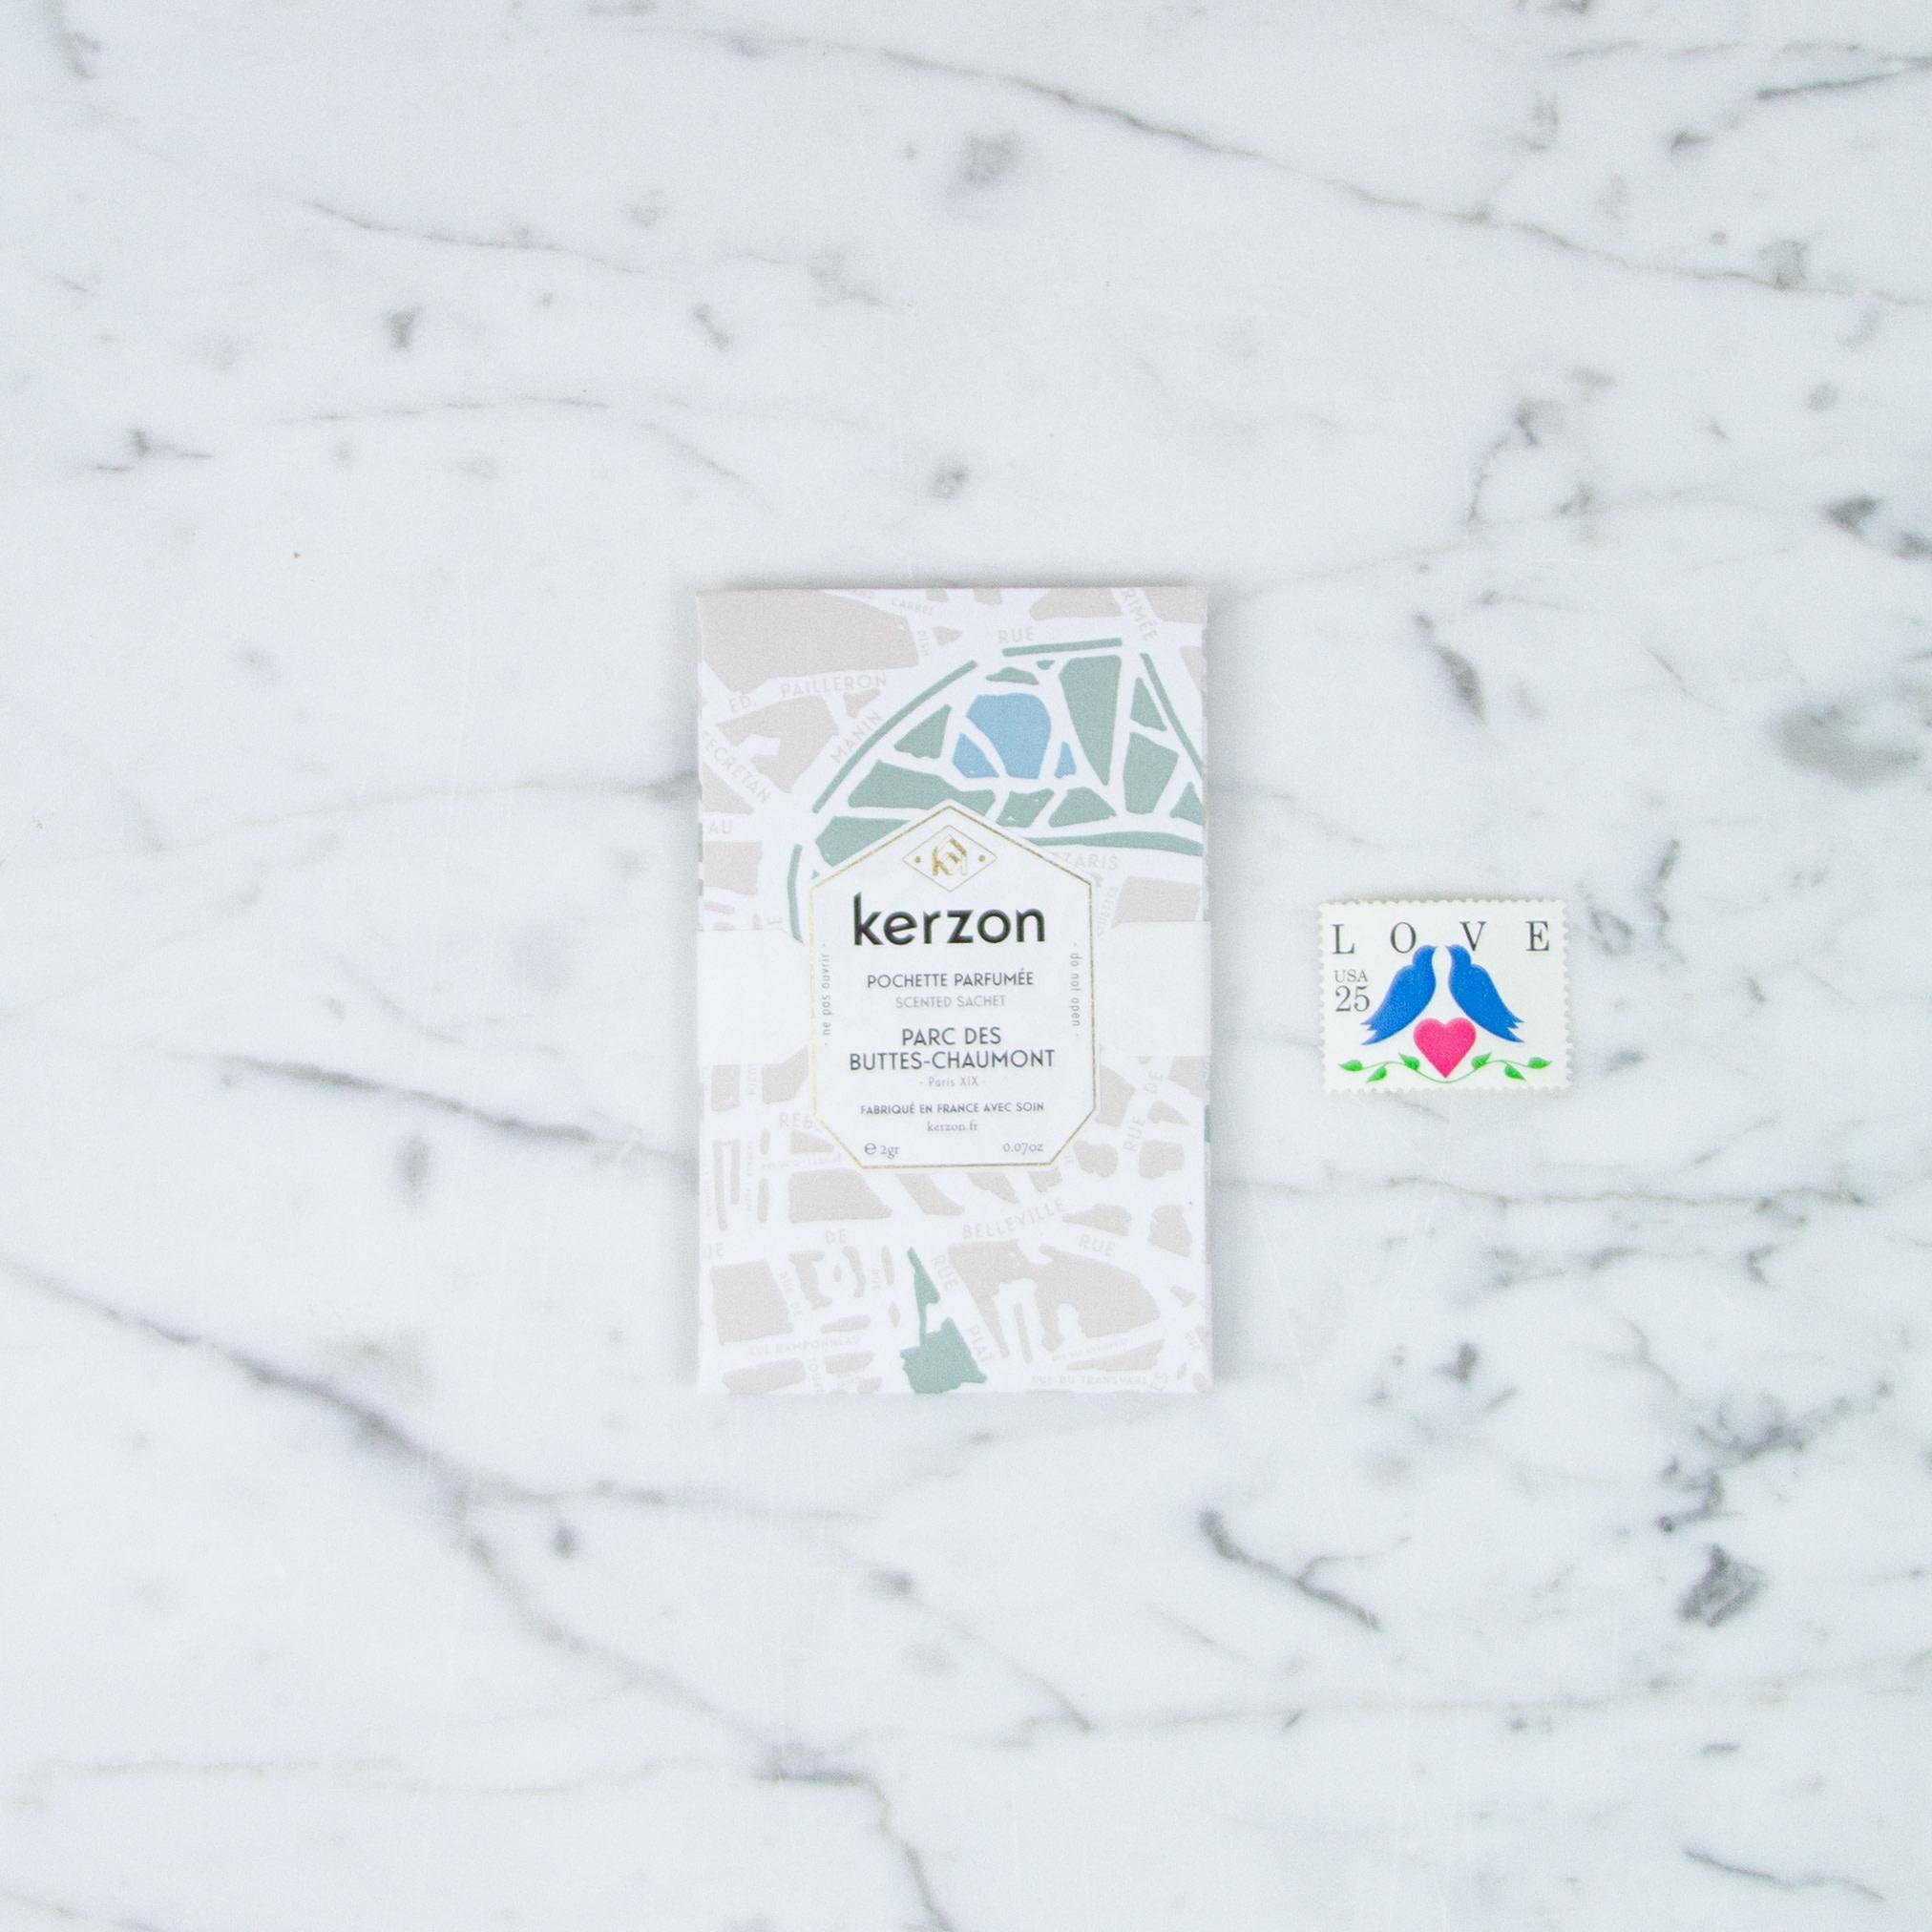 Kerzon Scented Sachet - Parc des Buttes-Chaumont - Set of 2